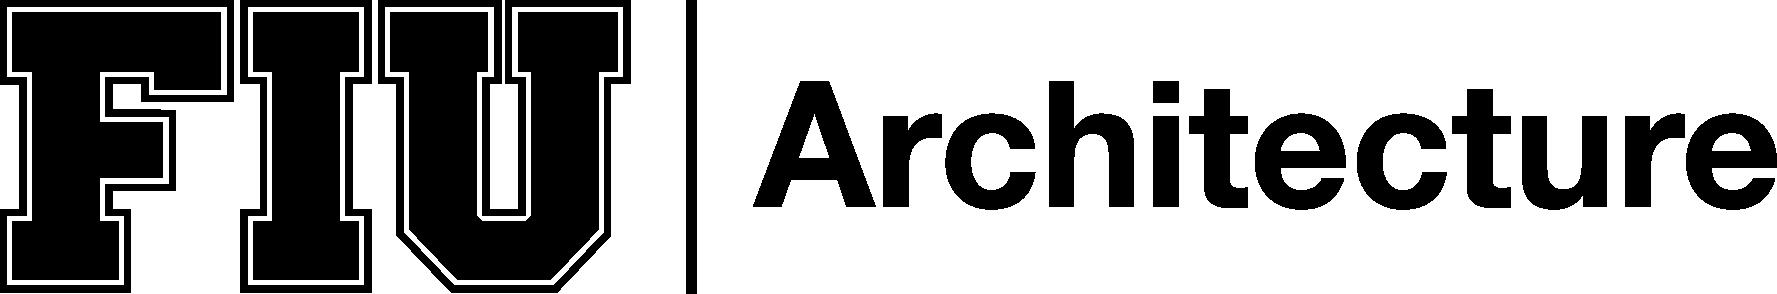 Arch&Arts-hrz-BW.PNG